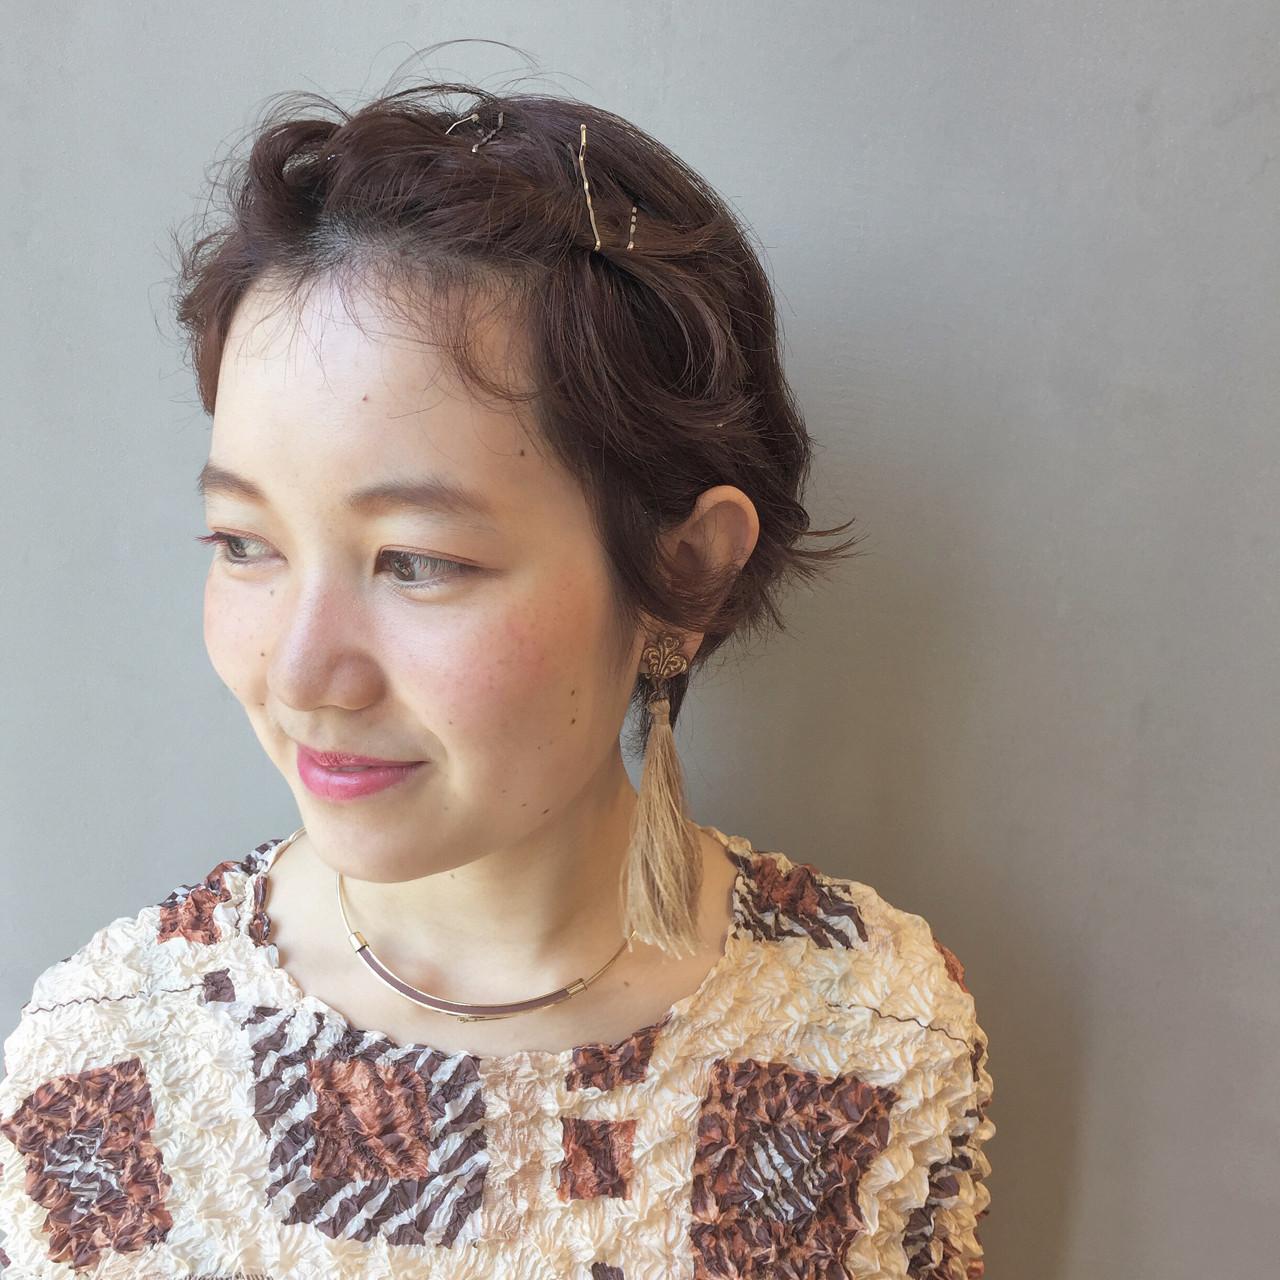 カッパー 簡単ヘアアレンジ ショート 夏 ヘアスタイルや髪型の写真・画像